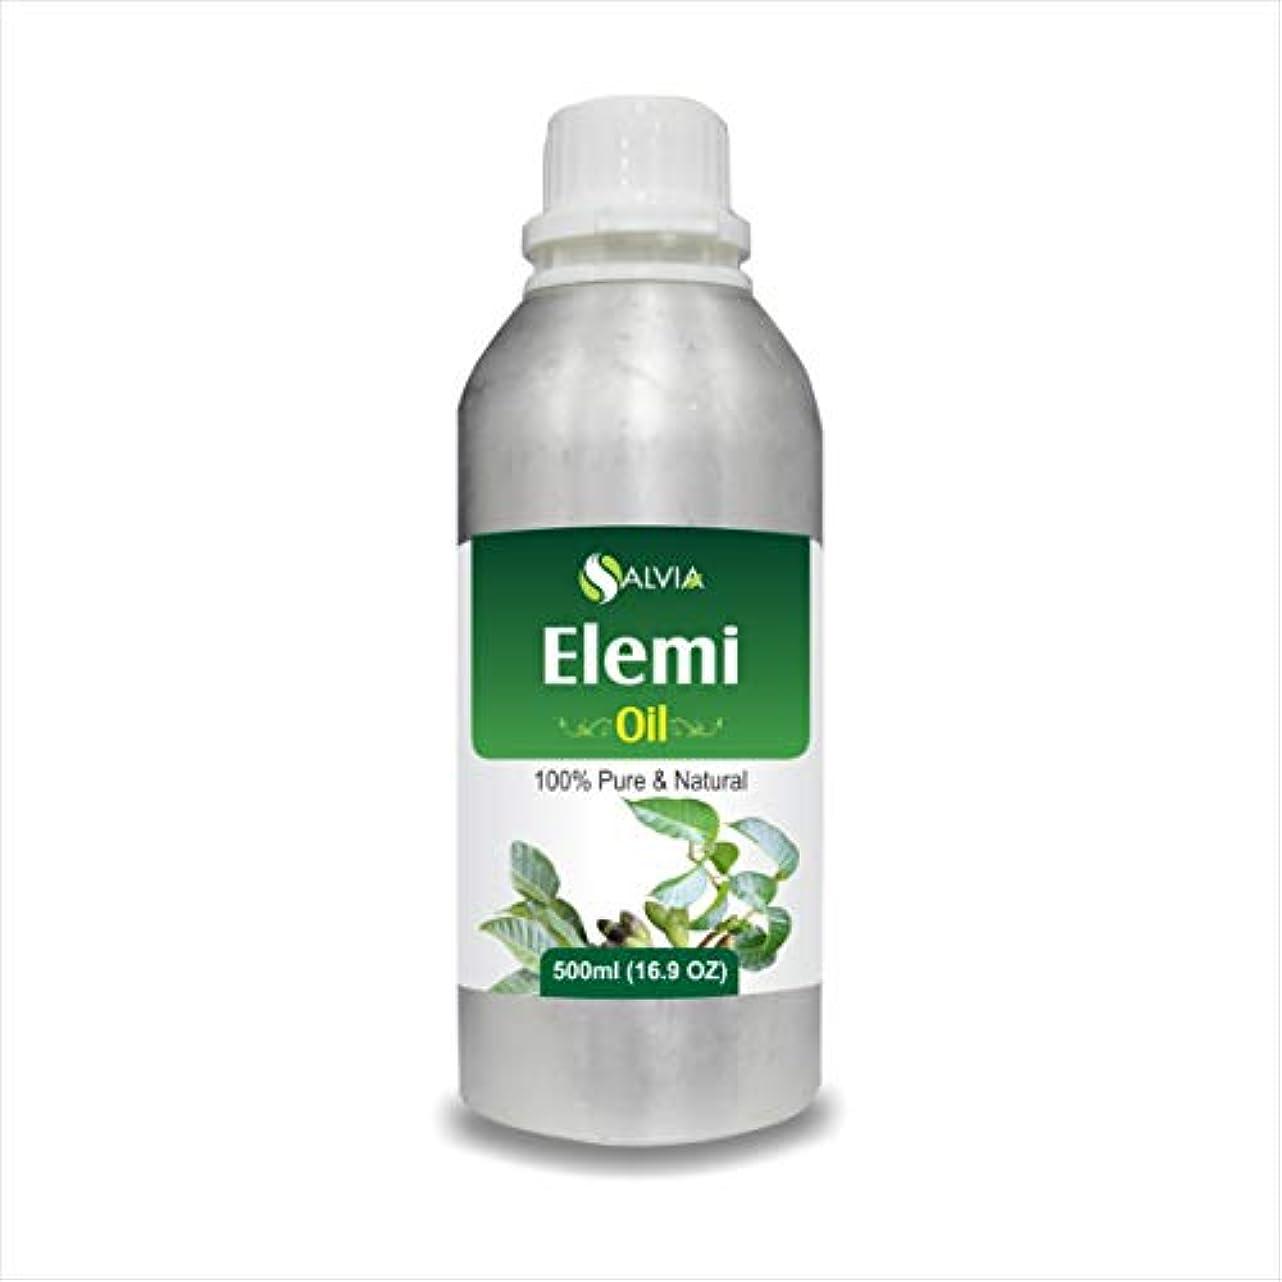 不名誉受け入れ贅沢Elemi Oil 100% Natural Pure Oil by Salvia (500ml)